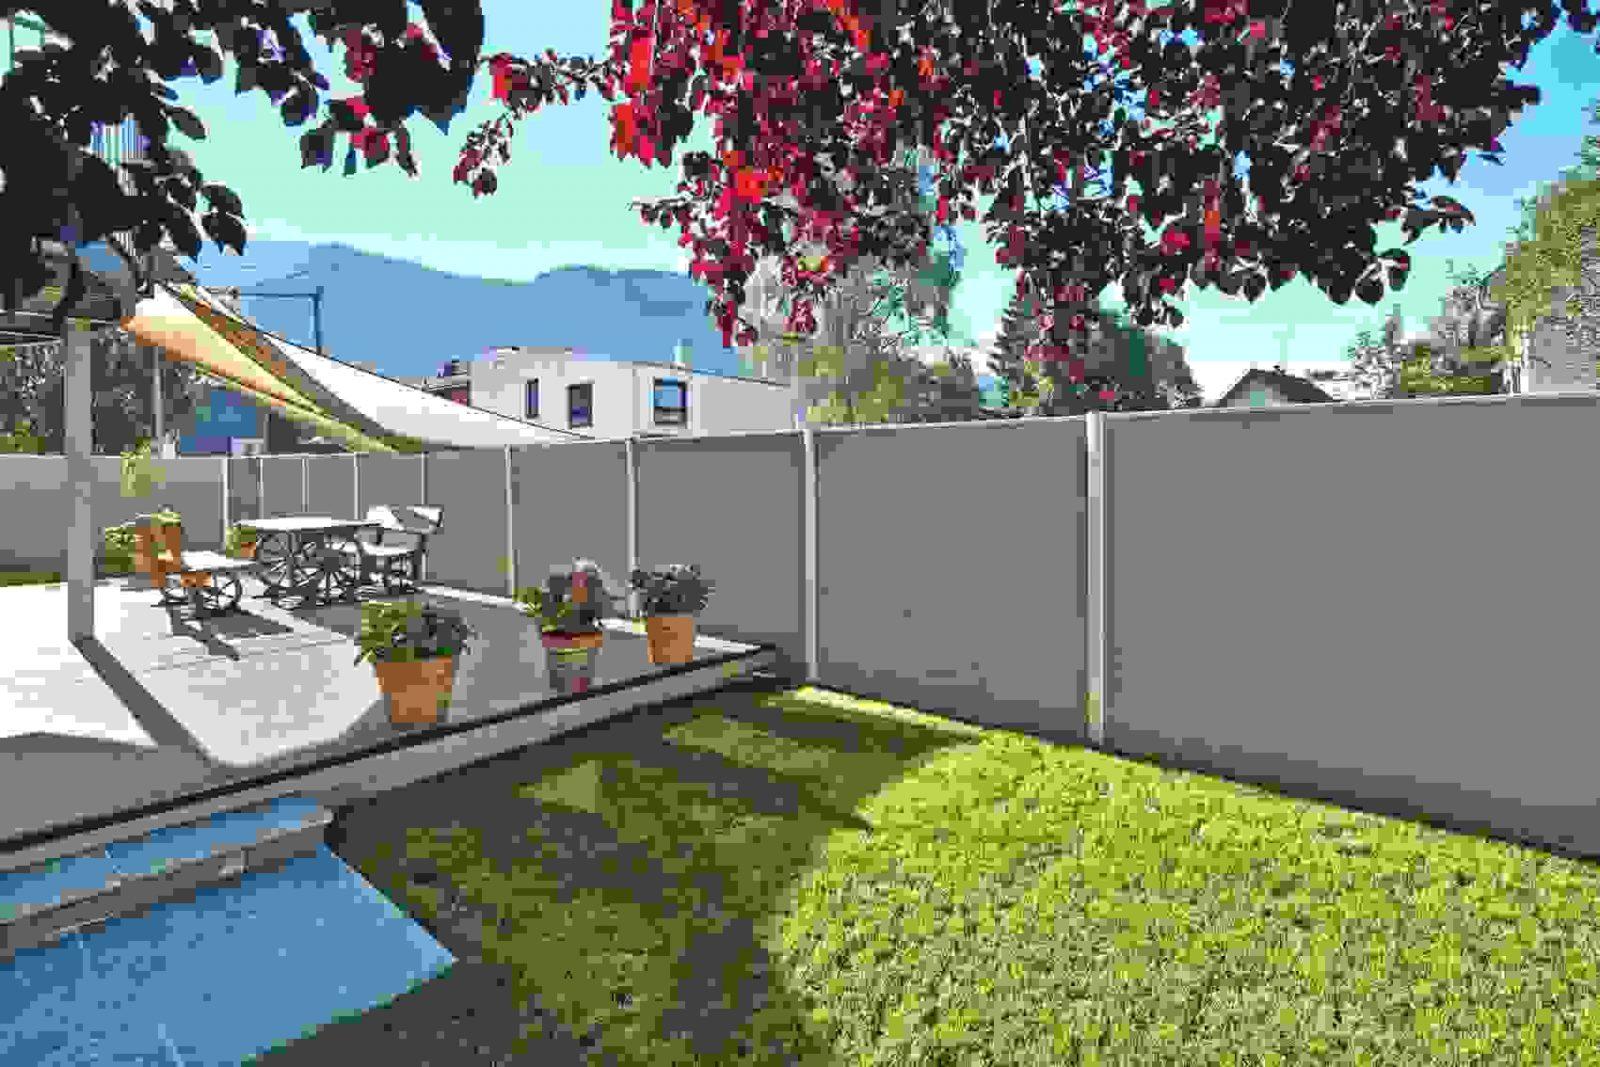 Sichtschutz Für Duschen Im Freien  Die Schönsten Einrichtungsideen von Sichtschutz Für Duschen Im Freien Photo